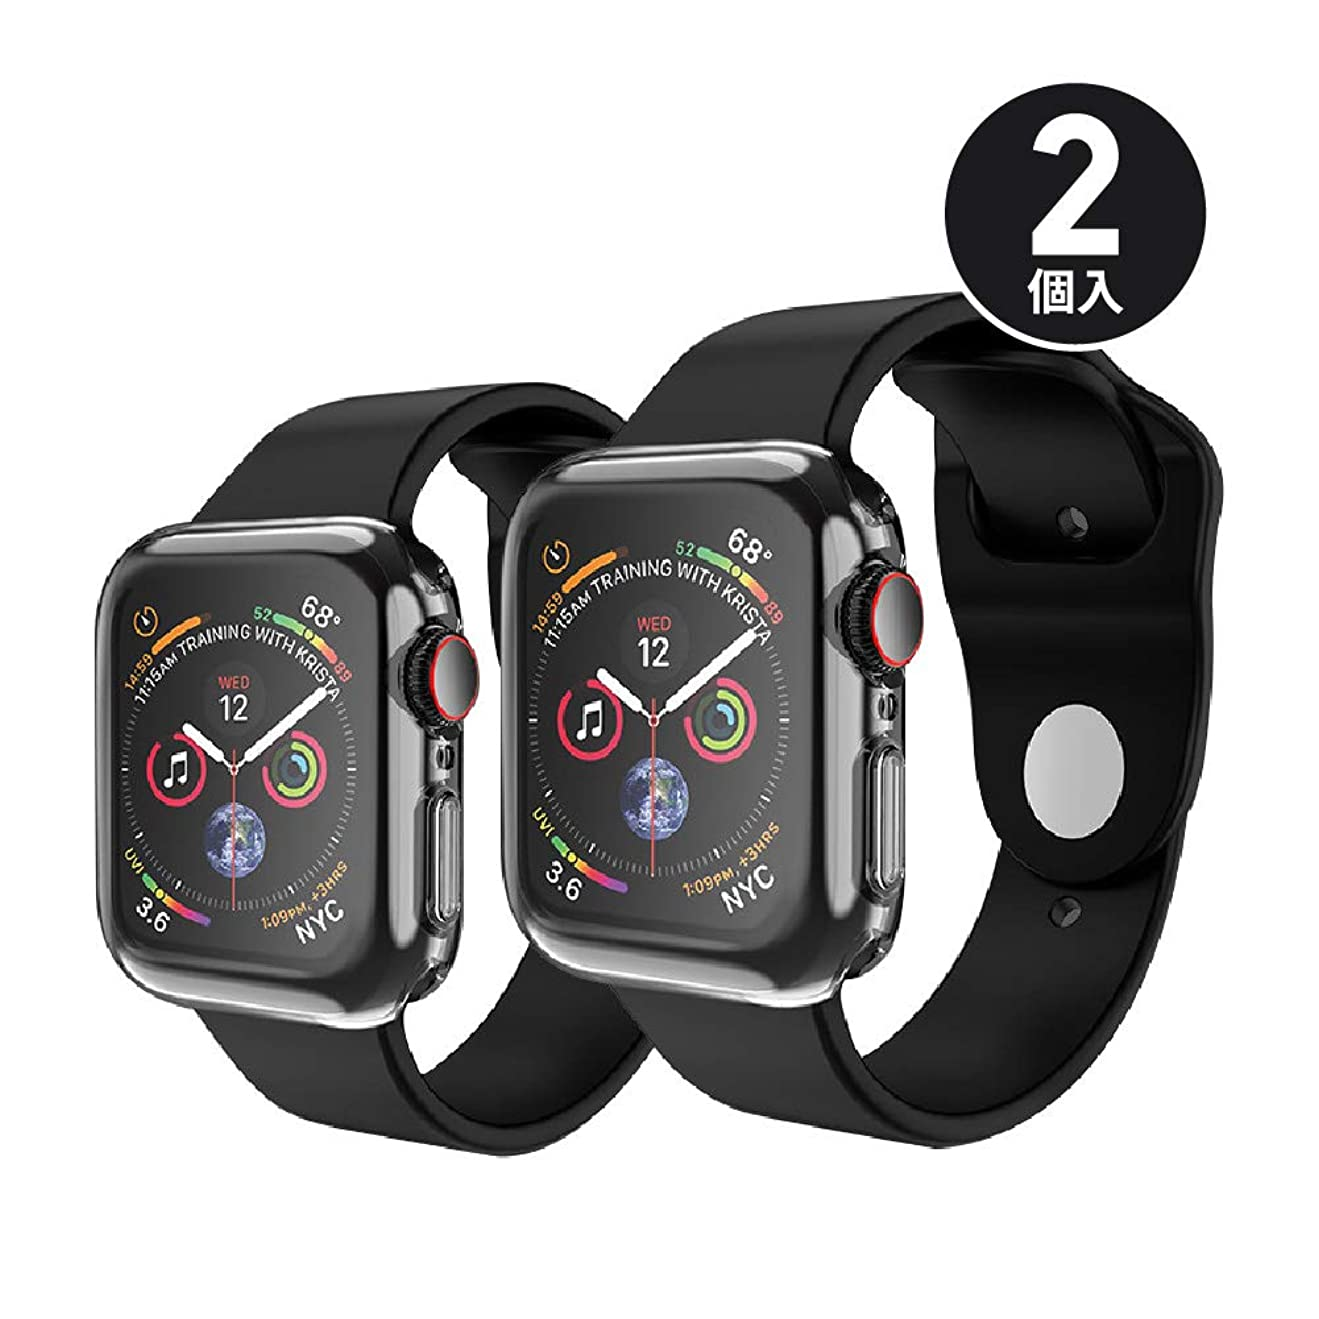 違法尊敬するリマーク【2個入】 ShotR Apple Watch Series 4 44mm ケース 柔らかい TPU ウォッチ 保護ケース超薄型カバー アップルウォッチシリーズ 4 44mm (2枚)